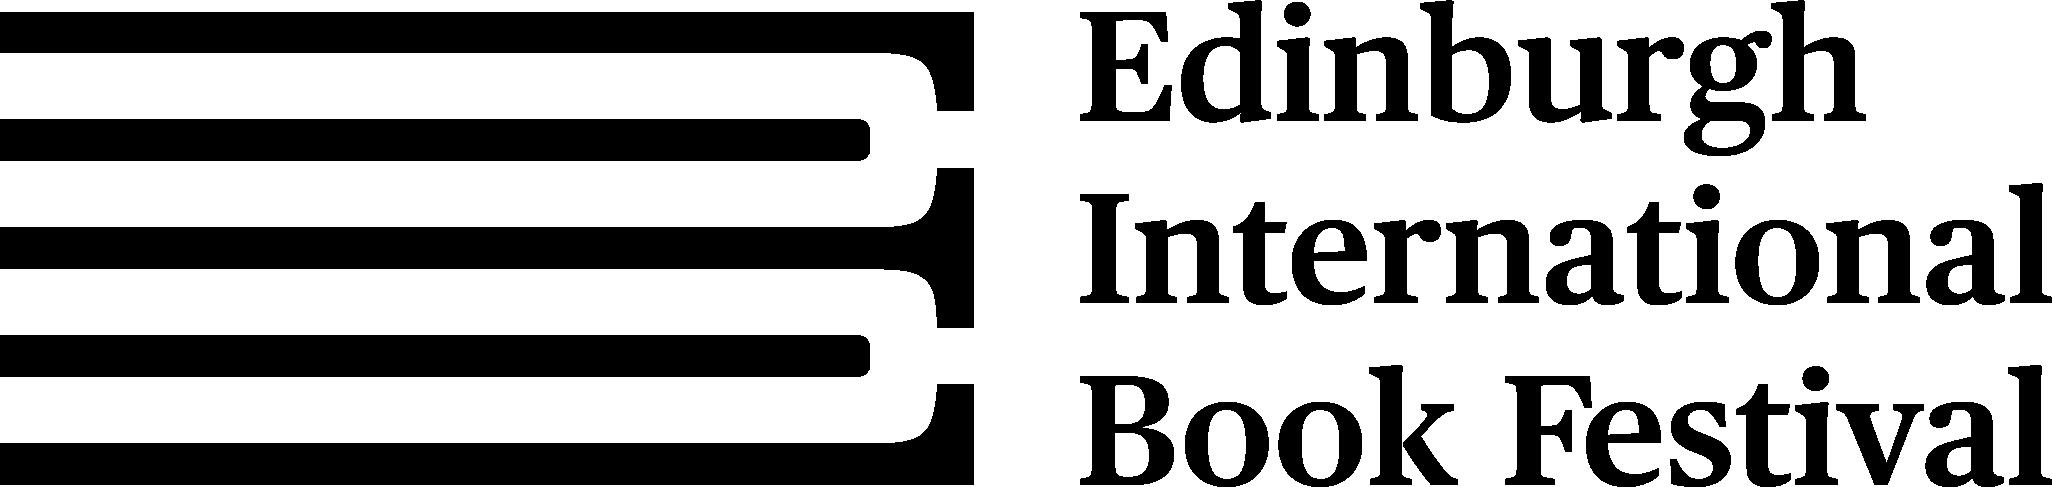 Logo for Edinburgh International Book Festival